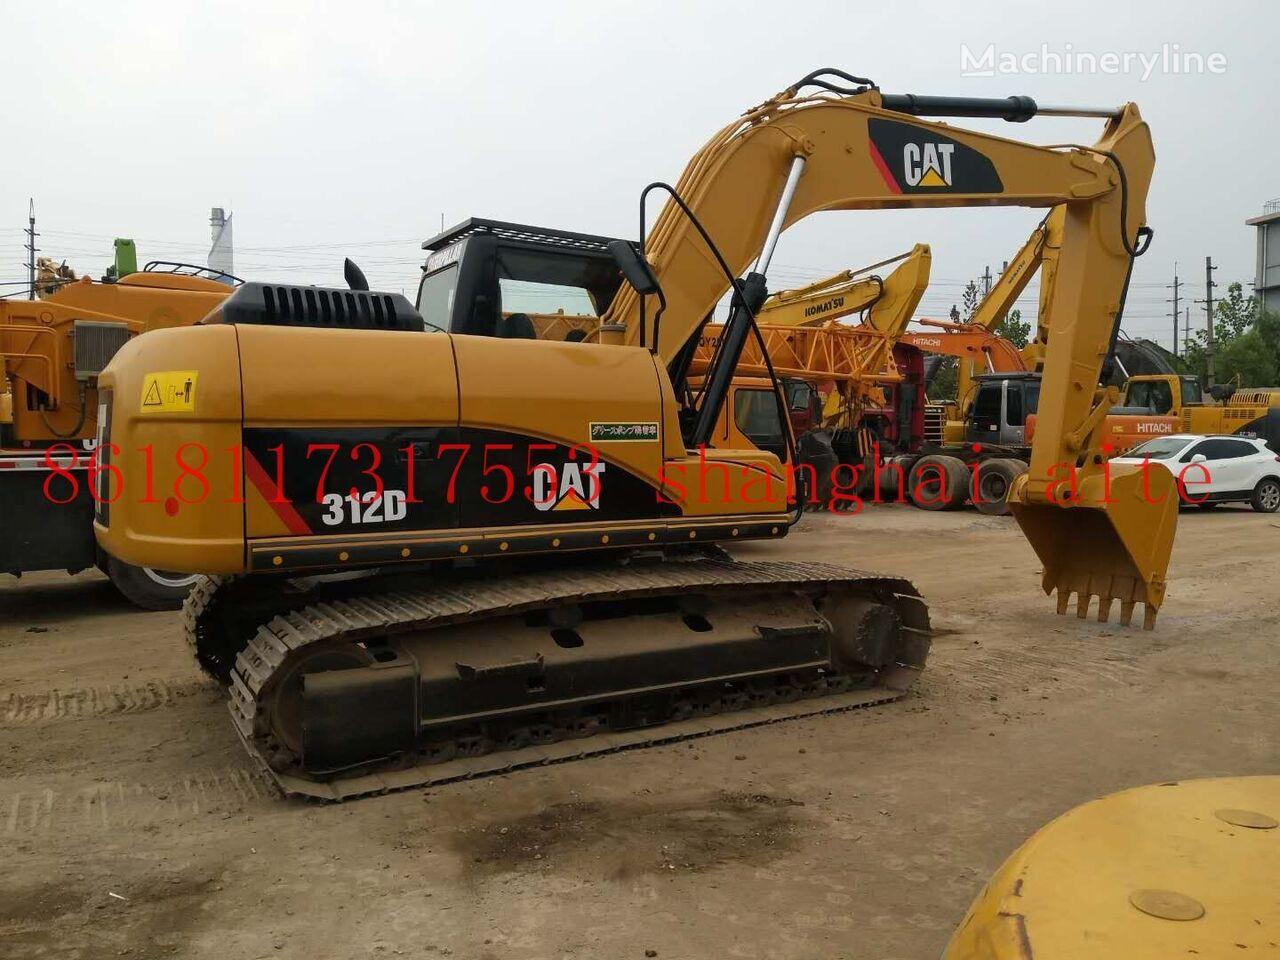 CATERPILLAR 312D excavadora de cadenas